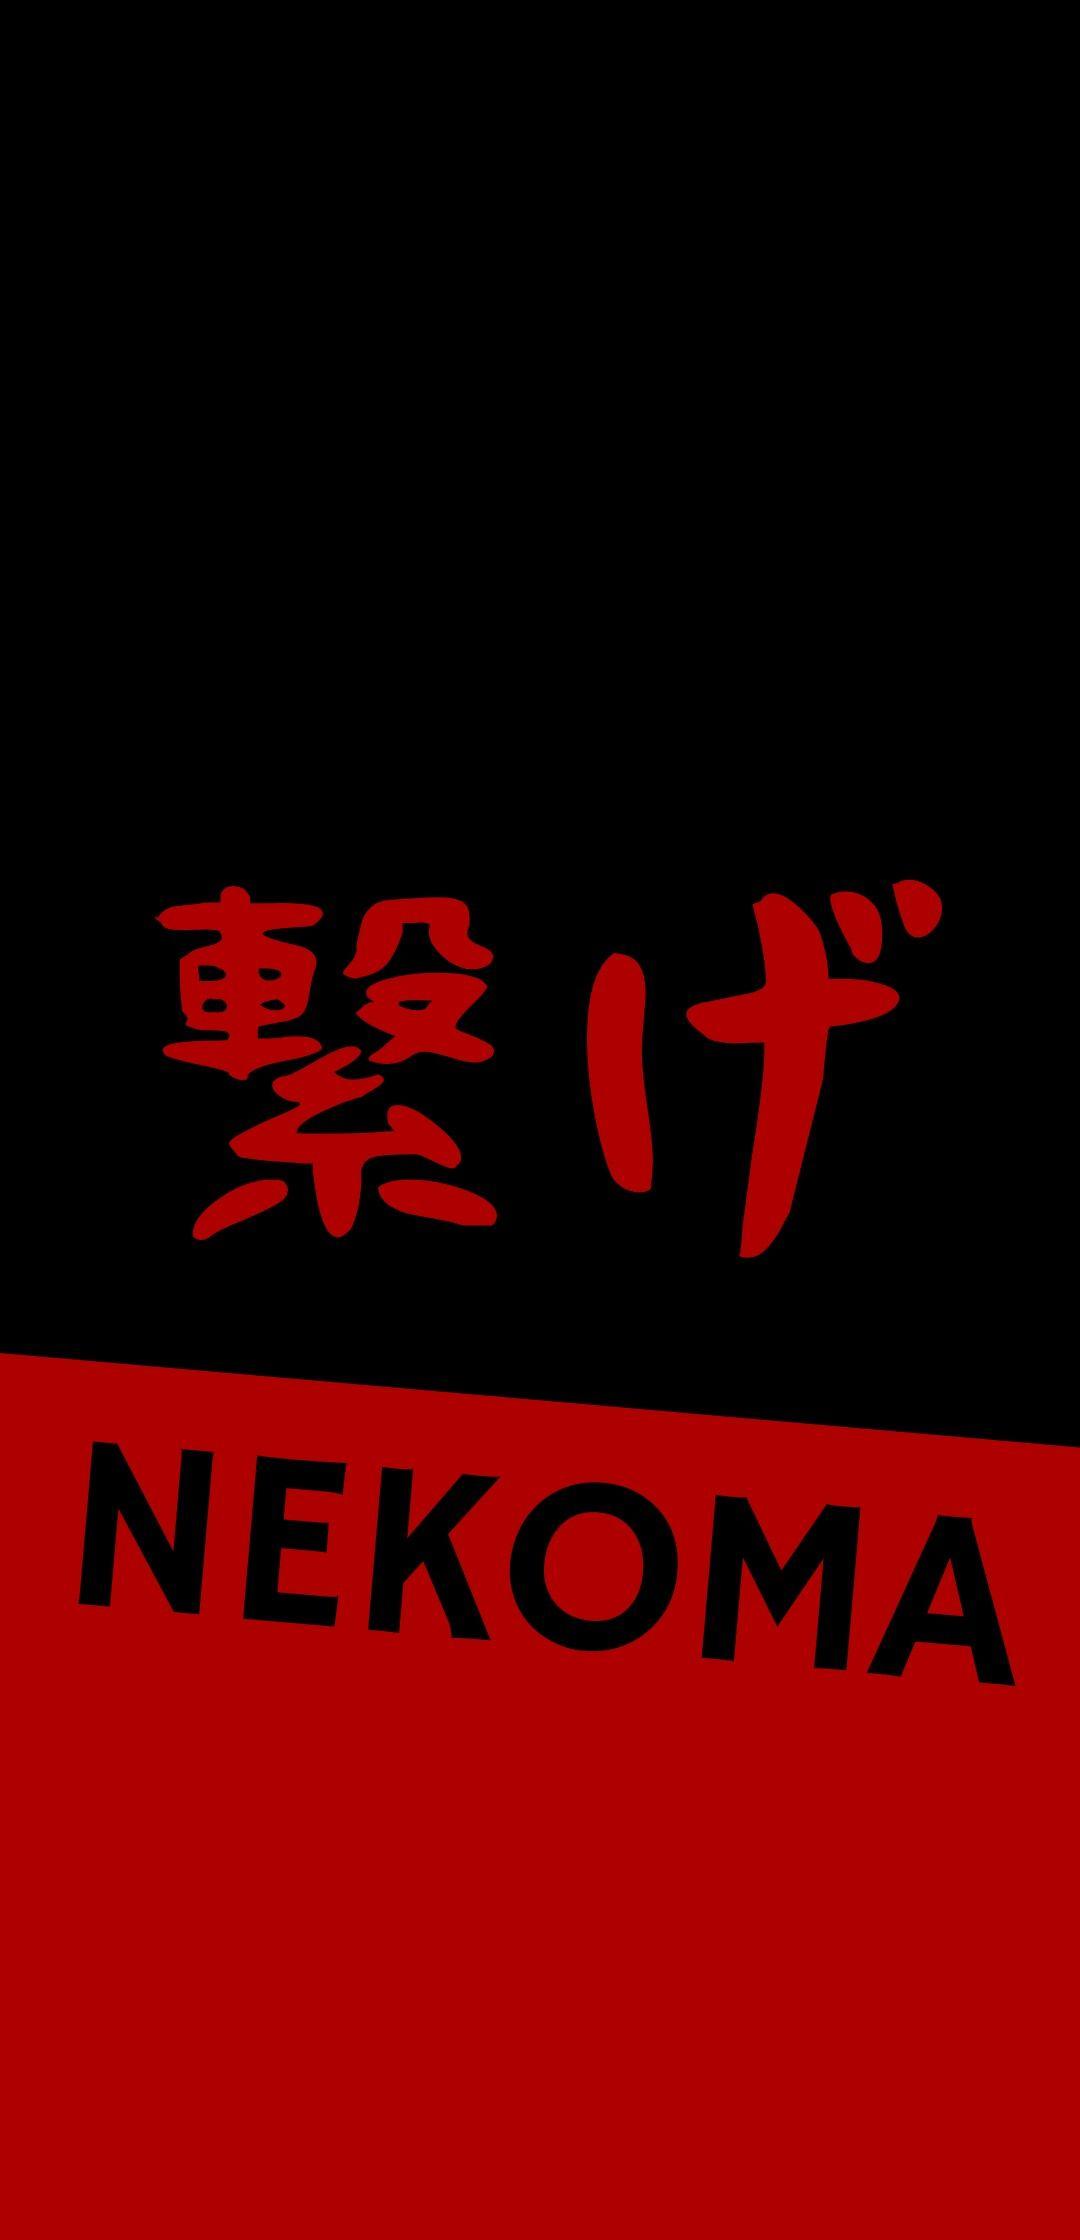 Haikyu Nekoma Banner Tsunage Wallpaper Kuroo Tetsurou In 2020 Haikyuu Nekoma Japanese Quotes Haikyuu